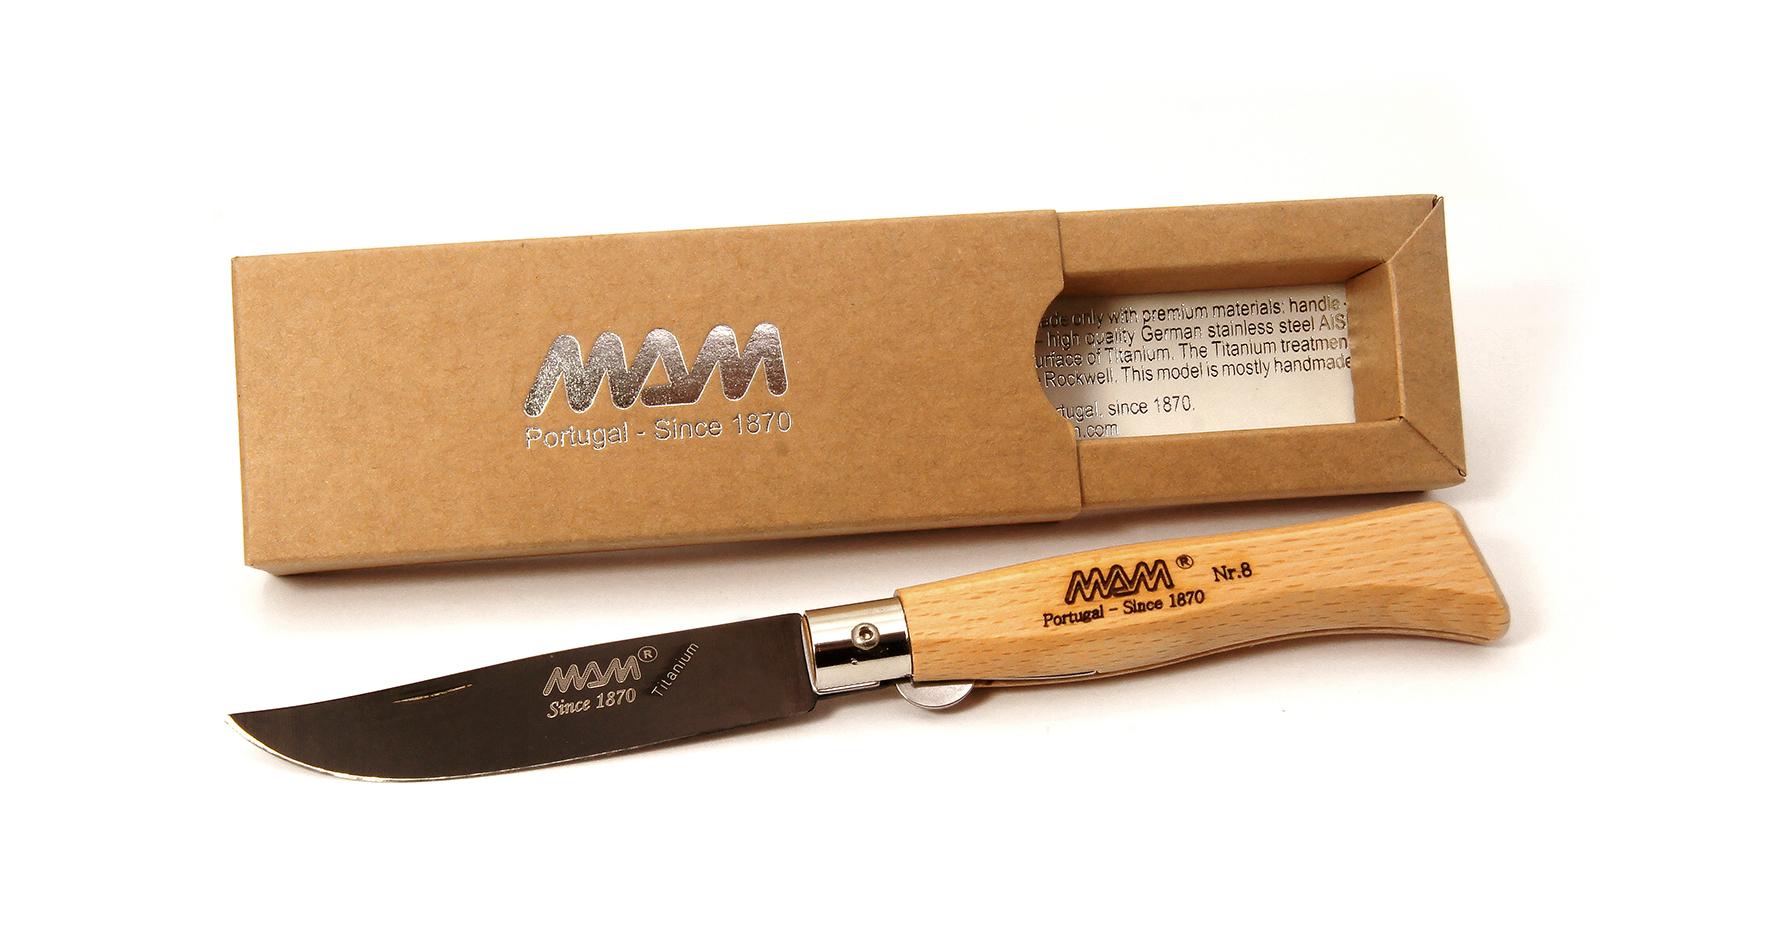 Нож MAM Douro 2085 ручка бук, цвет клинка черный